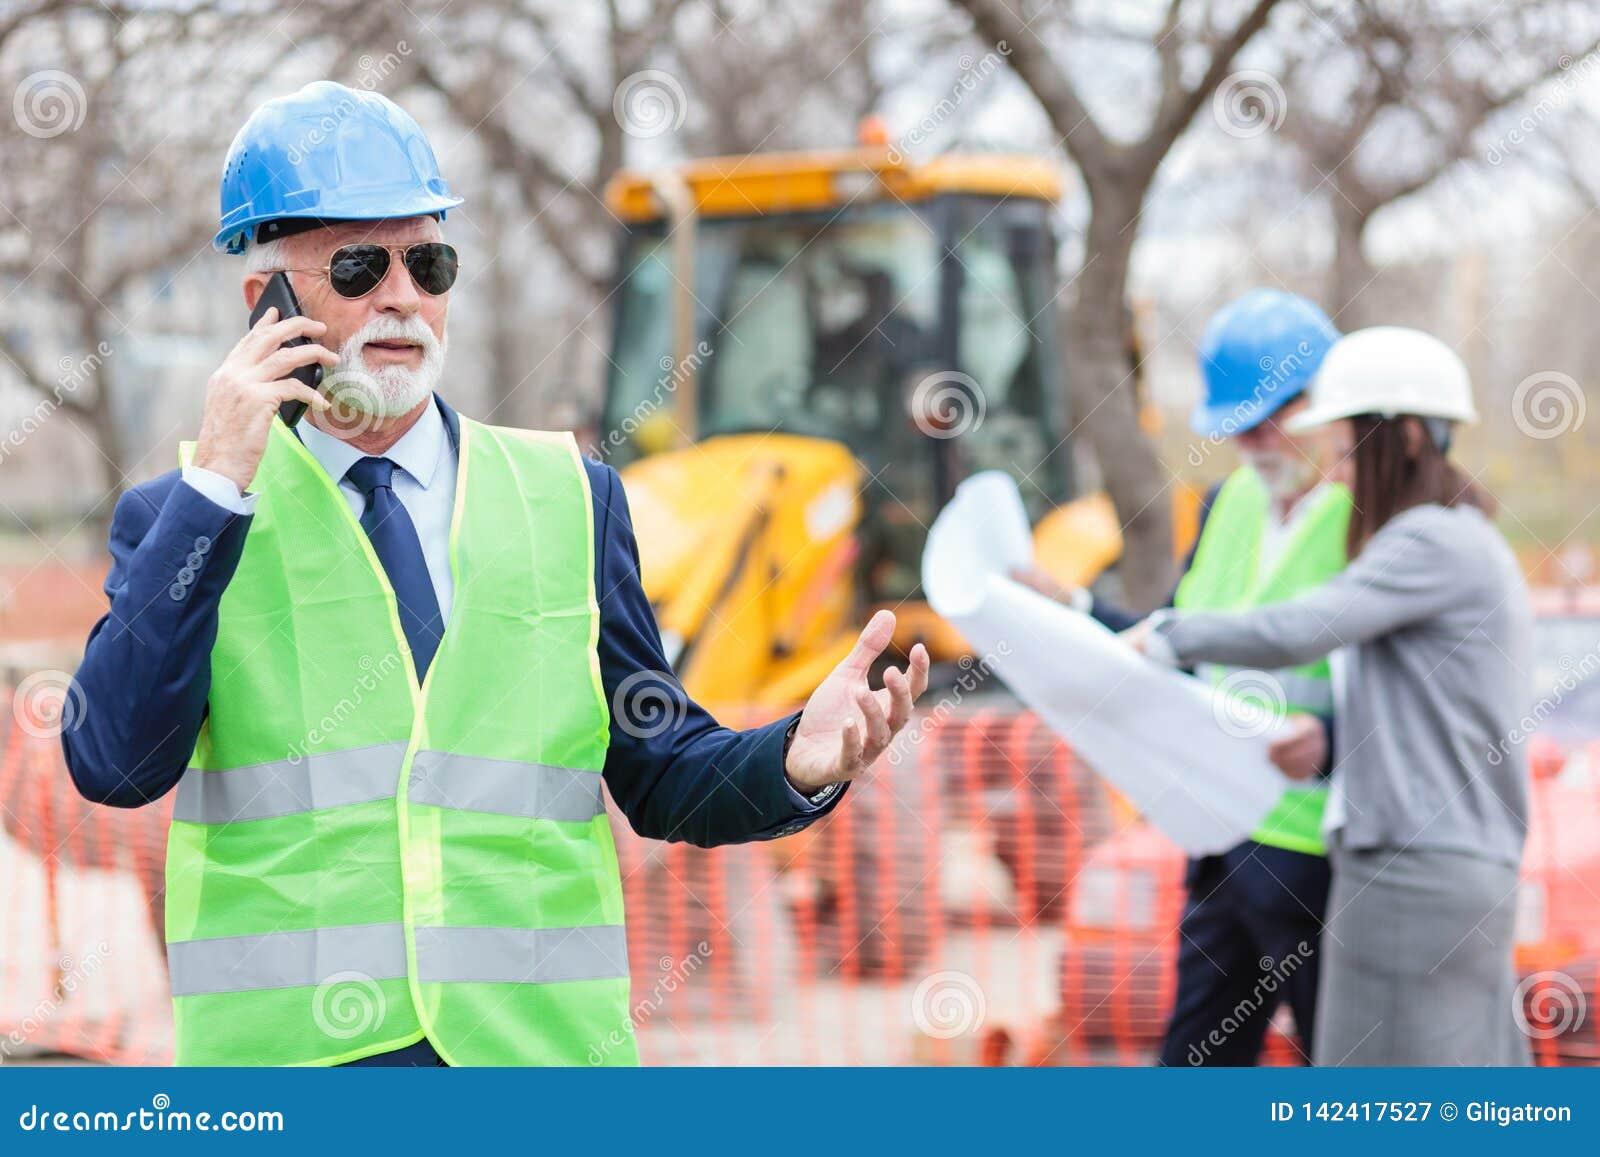 Arquiteto ou homem de negócios superior sério que falam no telefone ao trabalhar em um canteiro de obras